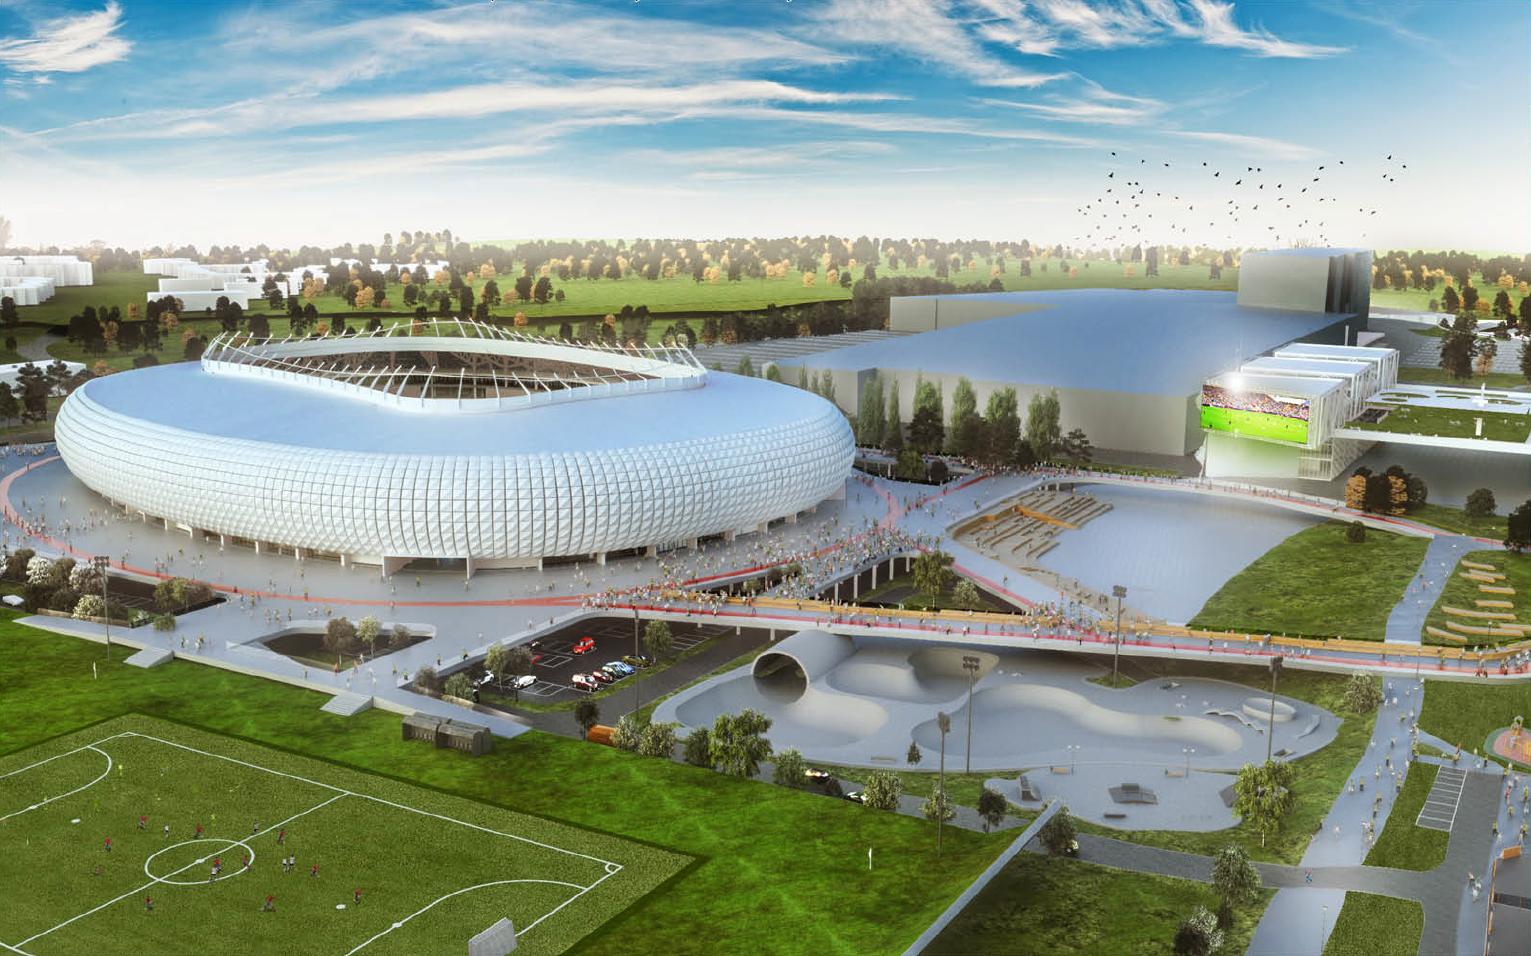 VPT patvirtino klaidas nacionalinio stadiono konkurso sąlygose